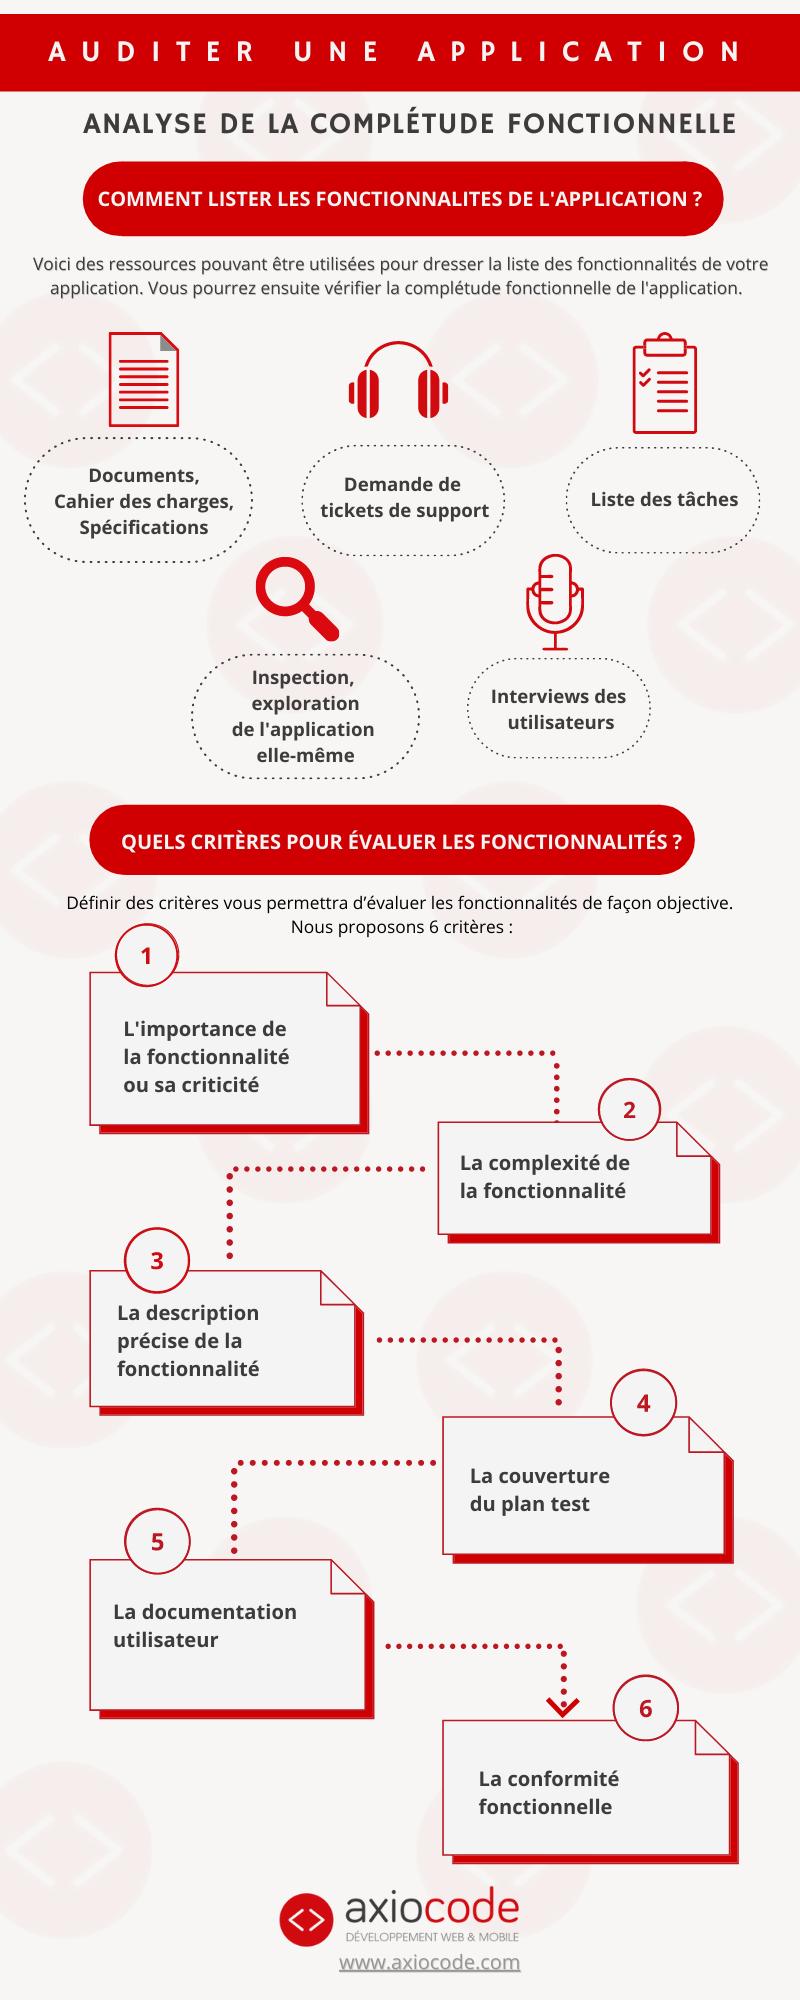 Infographie : analyse de la complétude fonctionnelle d'une application